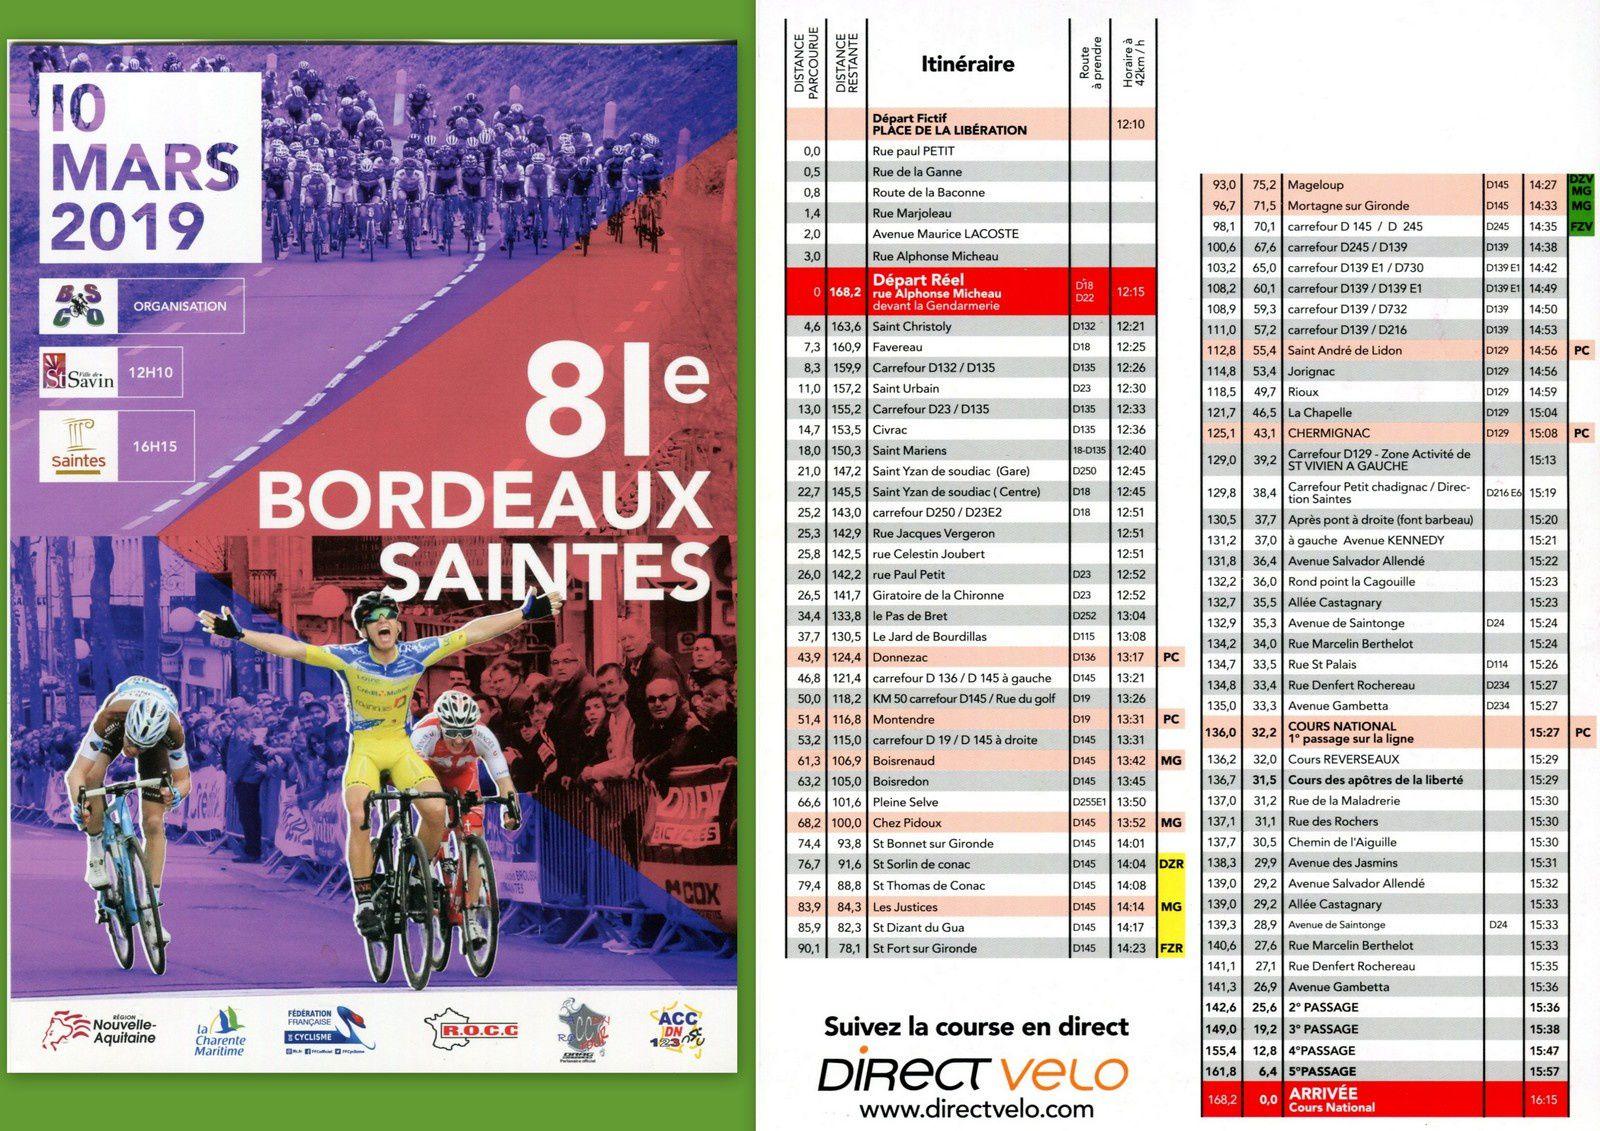 20 - Union des anciens coombattants saintais. Bordeaux Saintes le 10 mars.